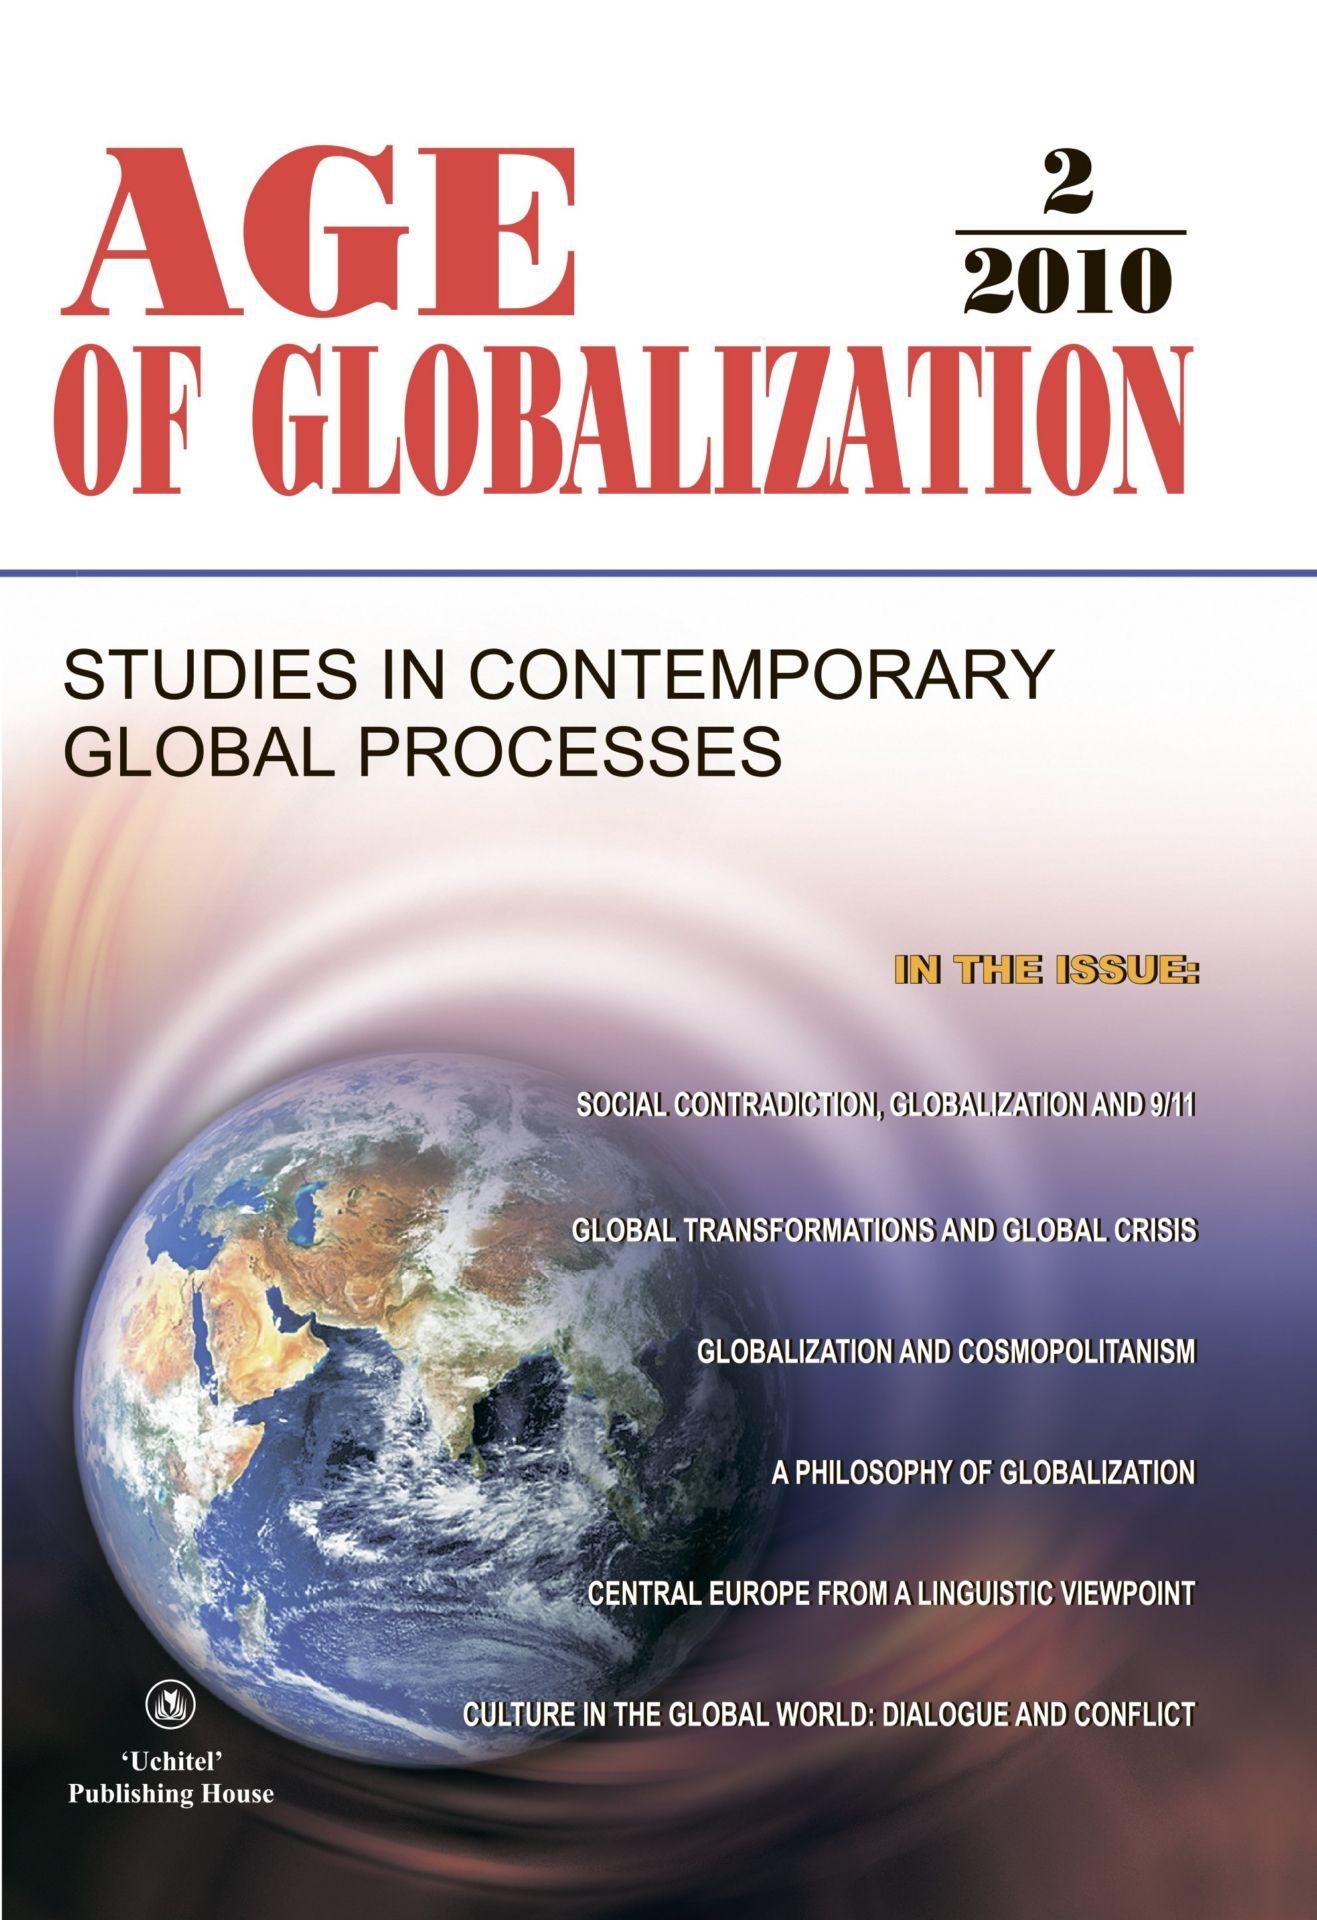 Age of Globalization. Век глобализации на английском языке. № 2 2010 г.Век глобализации. Международный журнал<br>Дайджест Age of Globalization является специальной англоязычной версией международного журнала Век глобализации, который выпускается на русском языке с 2008 года. За это время в свет вышли пять номеров журнала, в которых содержится около 100 статей, пос...<br><br>Год: 2010<br>Серия: Для студентов и преподавателей<br>ISBN: 978-5-7057-1866-5<br>Высота: 235<br>Ширина: 163<br>Толщина: 3<br>Переплёт: твёрдая